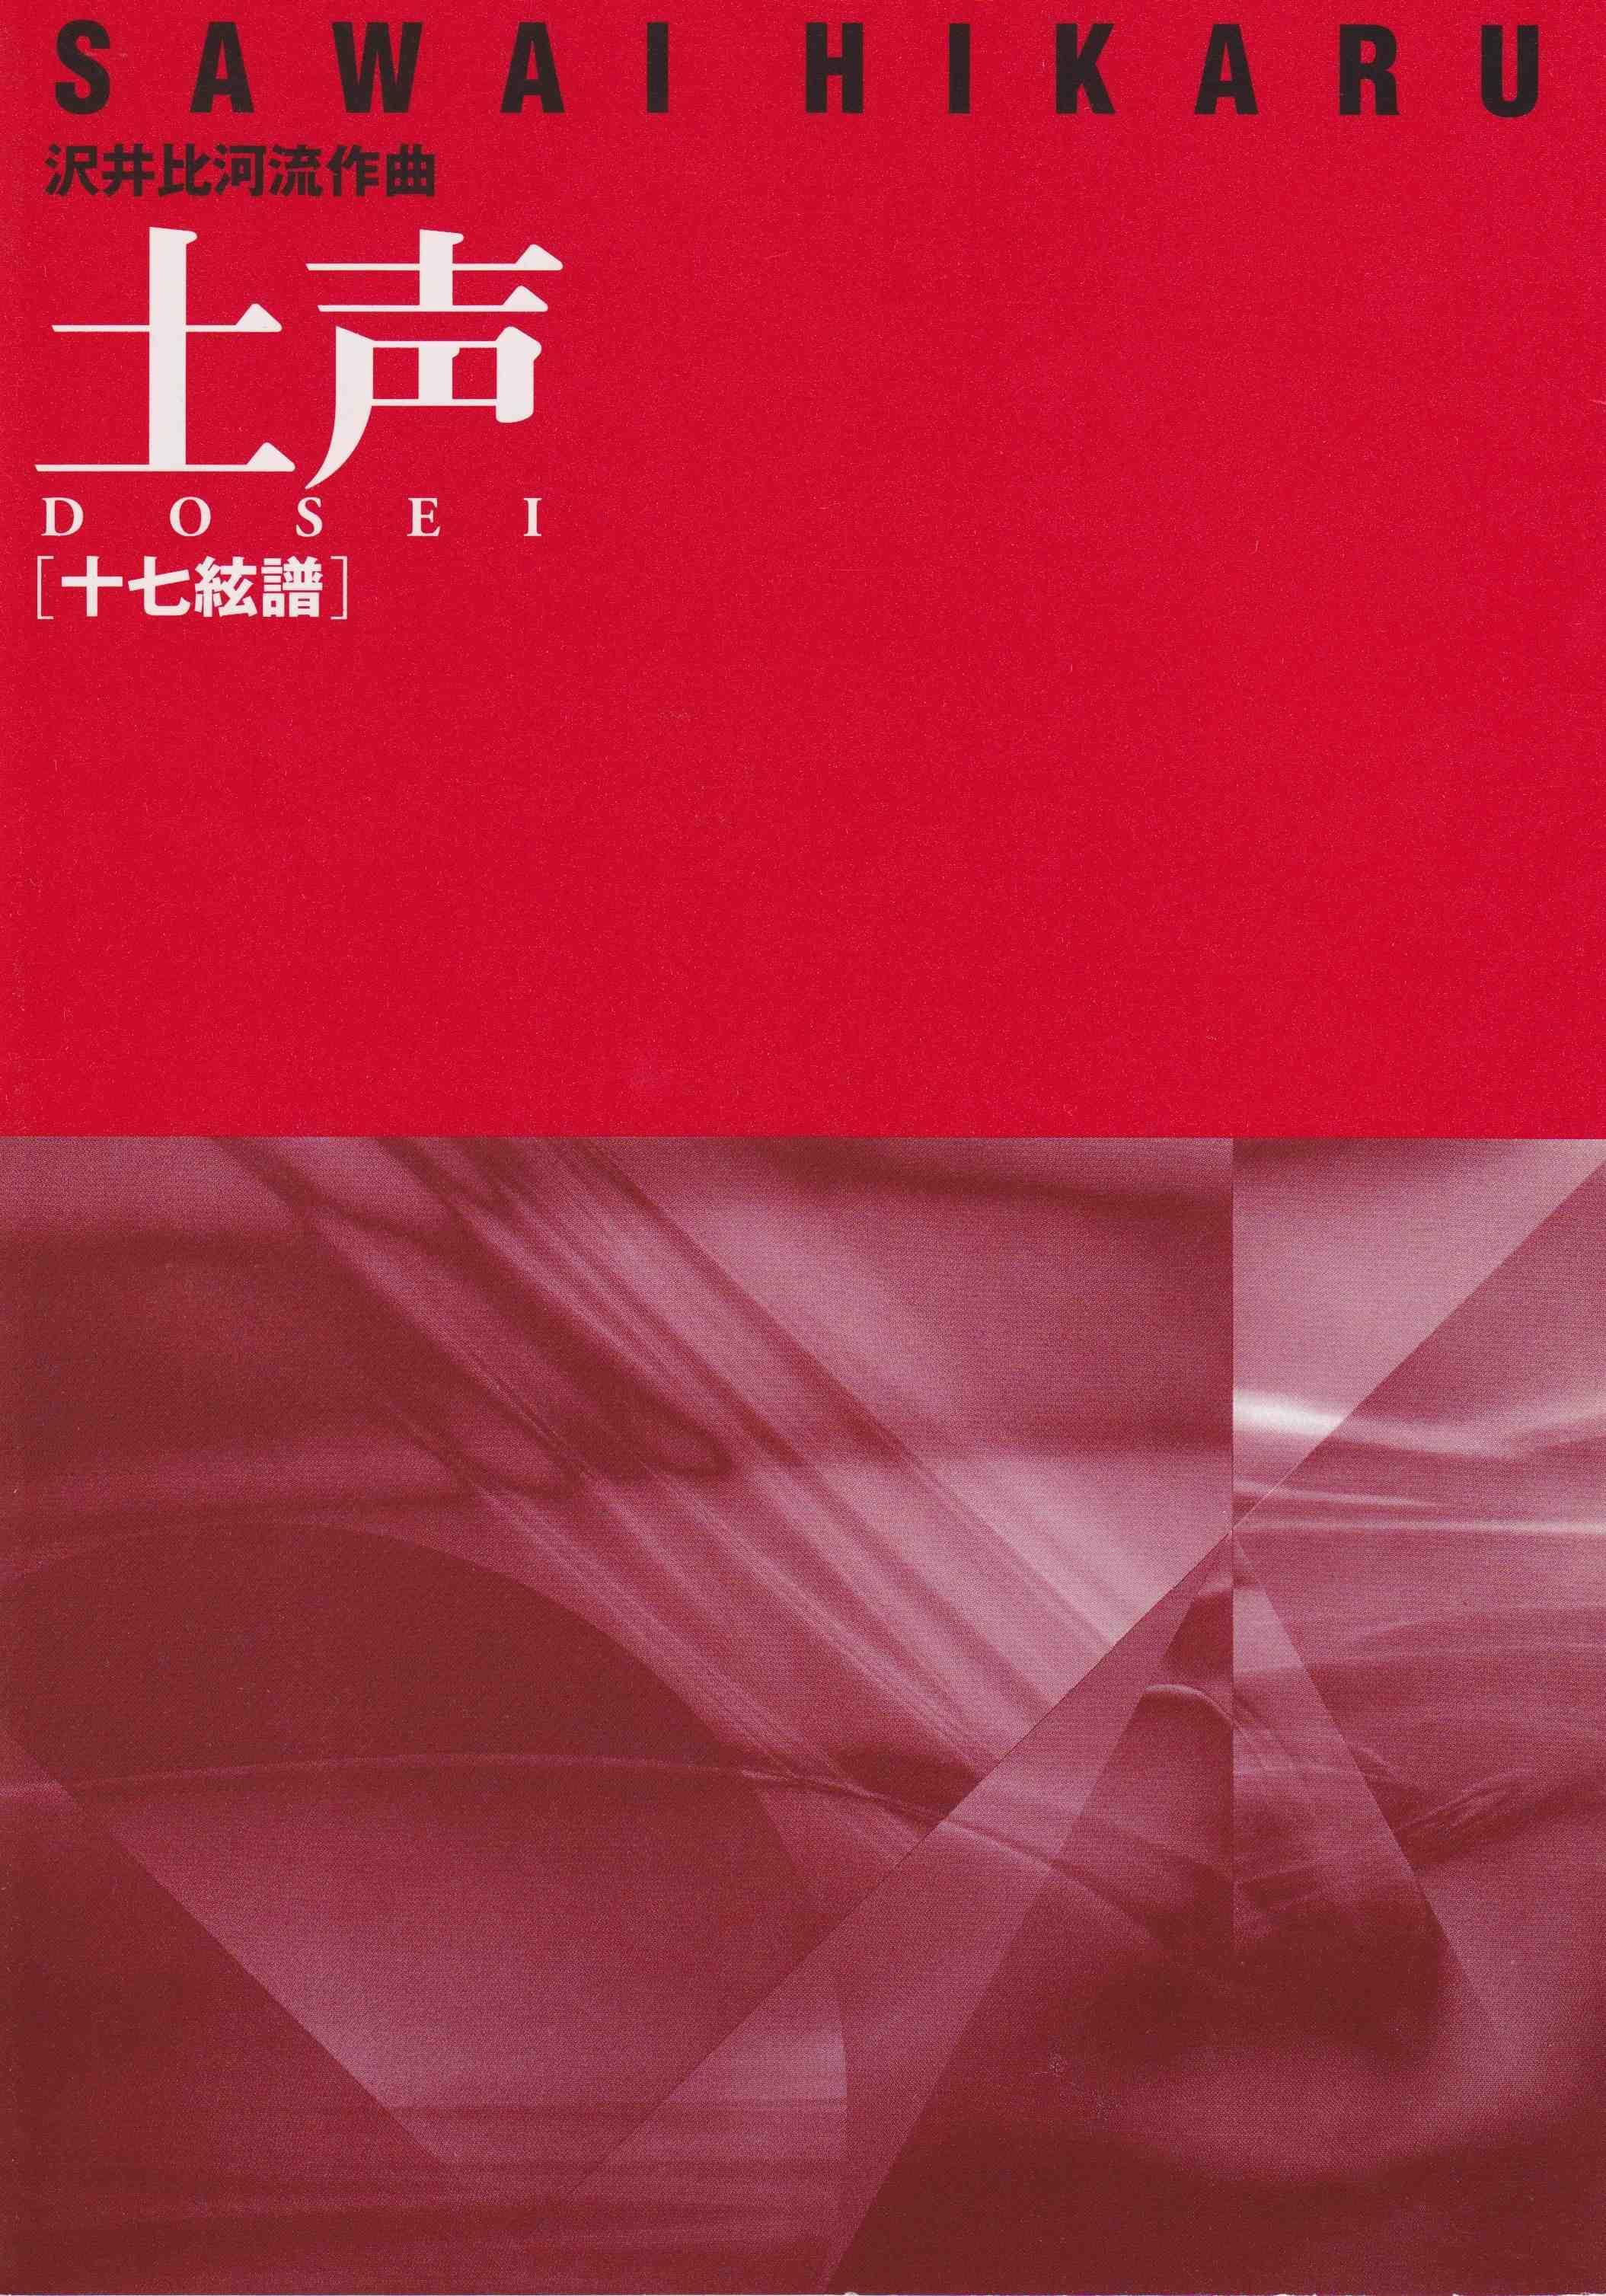 土声(十七絃譜)[5047-1]